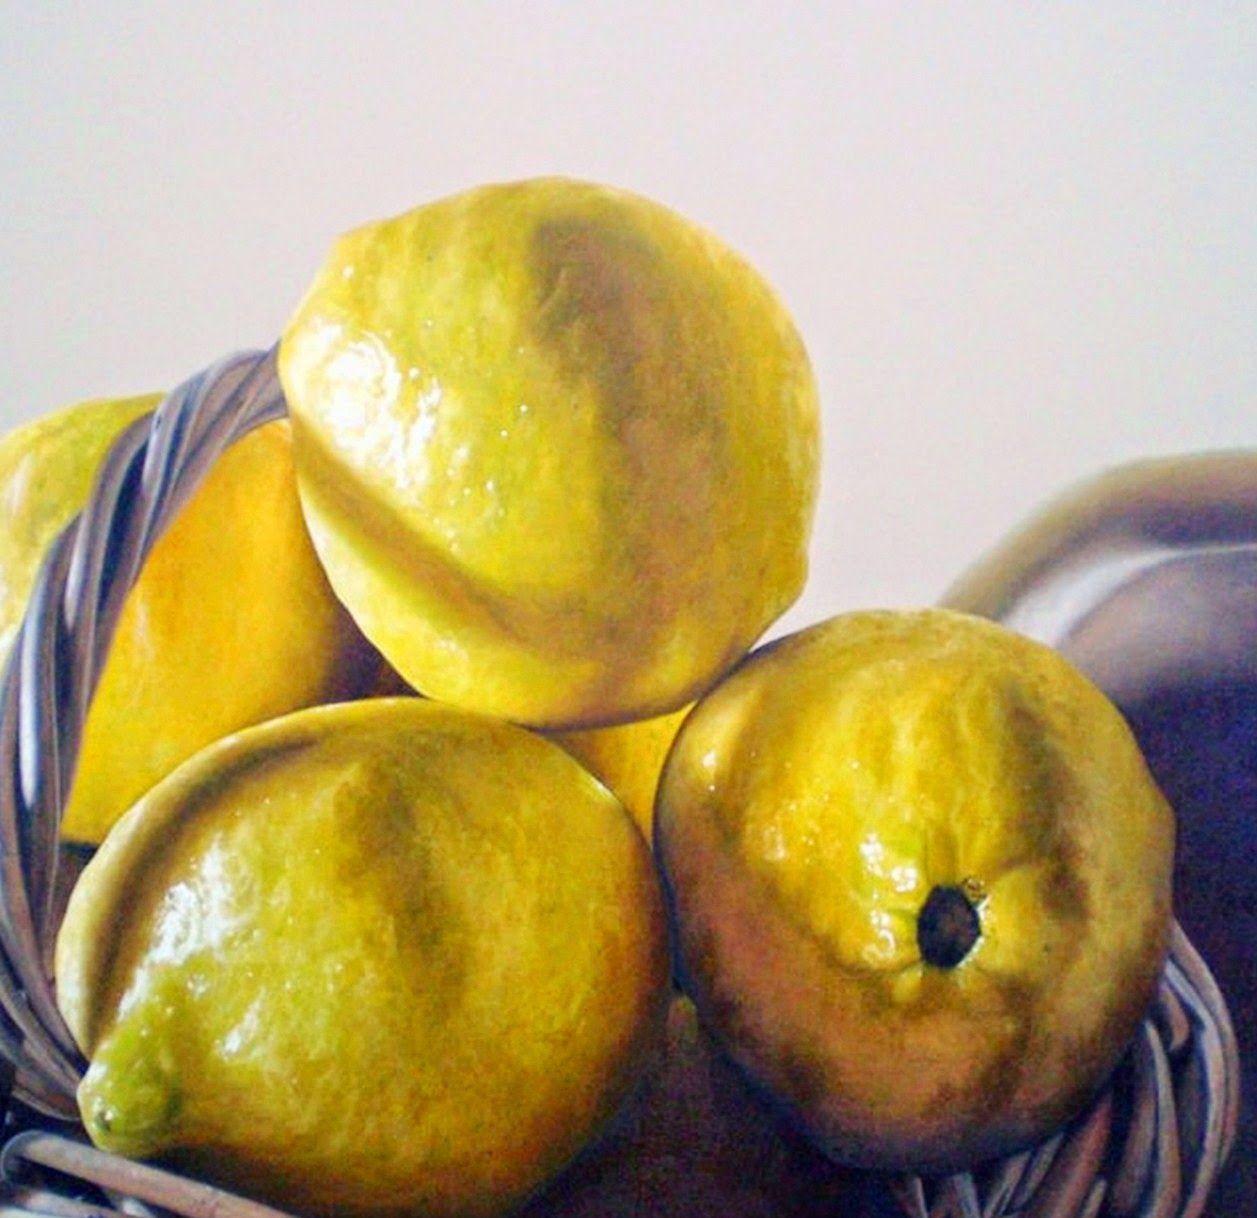 pinturas-de-bodegones-con-frutas-citricas | pintura | Pinterest ...